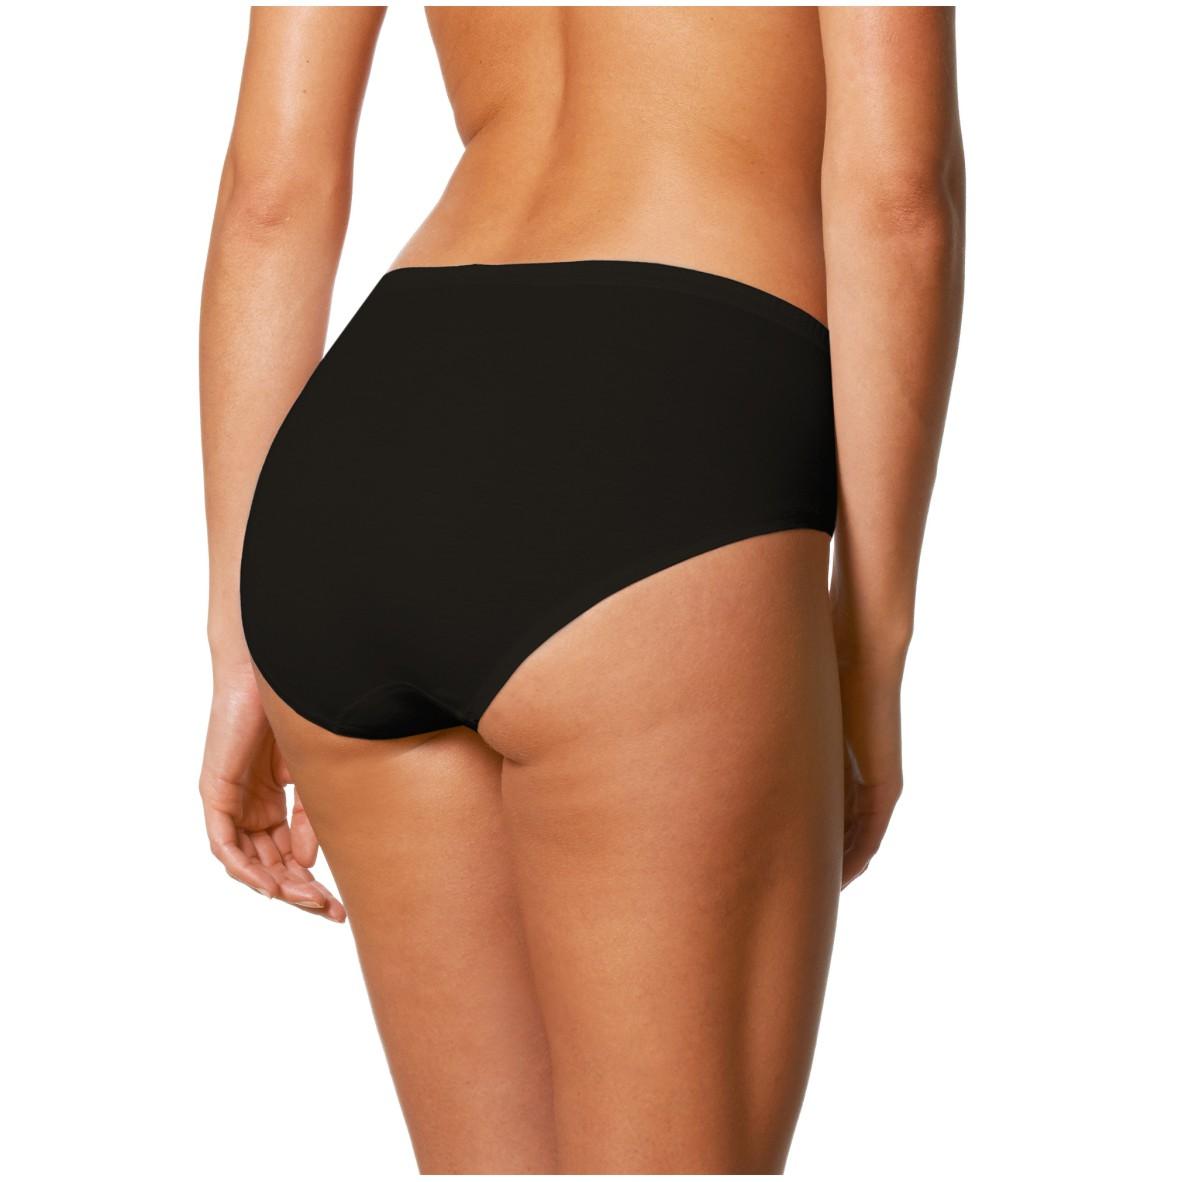 am besten auswählen Fabrik beste website Mey Noblesse Damen Mod. Taillenslip - Siemers Online-Shop